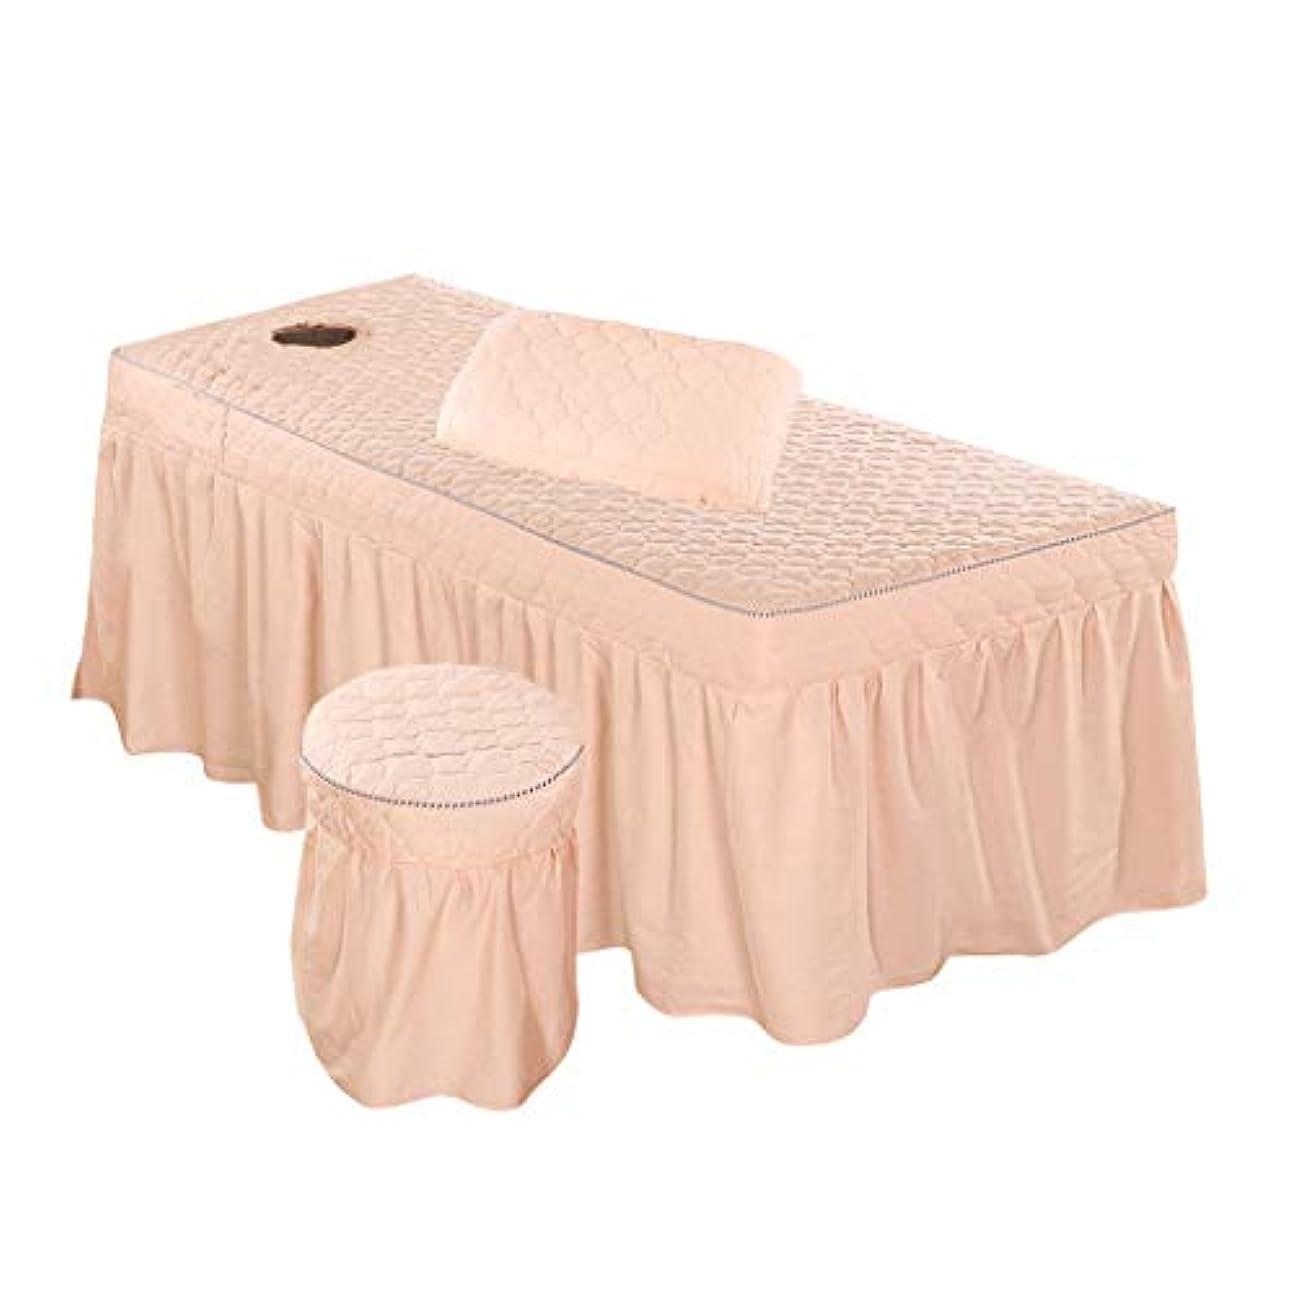 配当ジョリーショートスパ マッサージベッドカバー+スツールカバー+枕カバー 有孔 綿製 3枚セット - ライトピンク